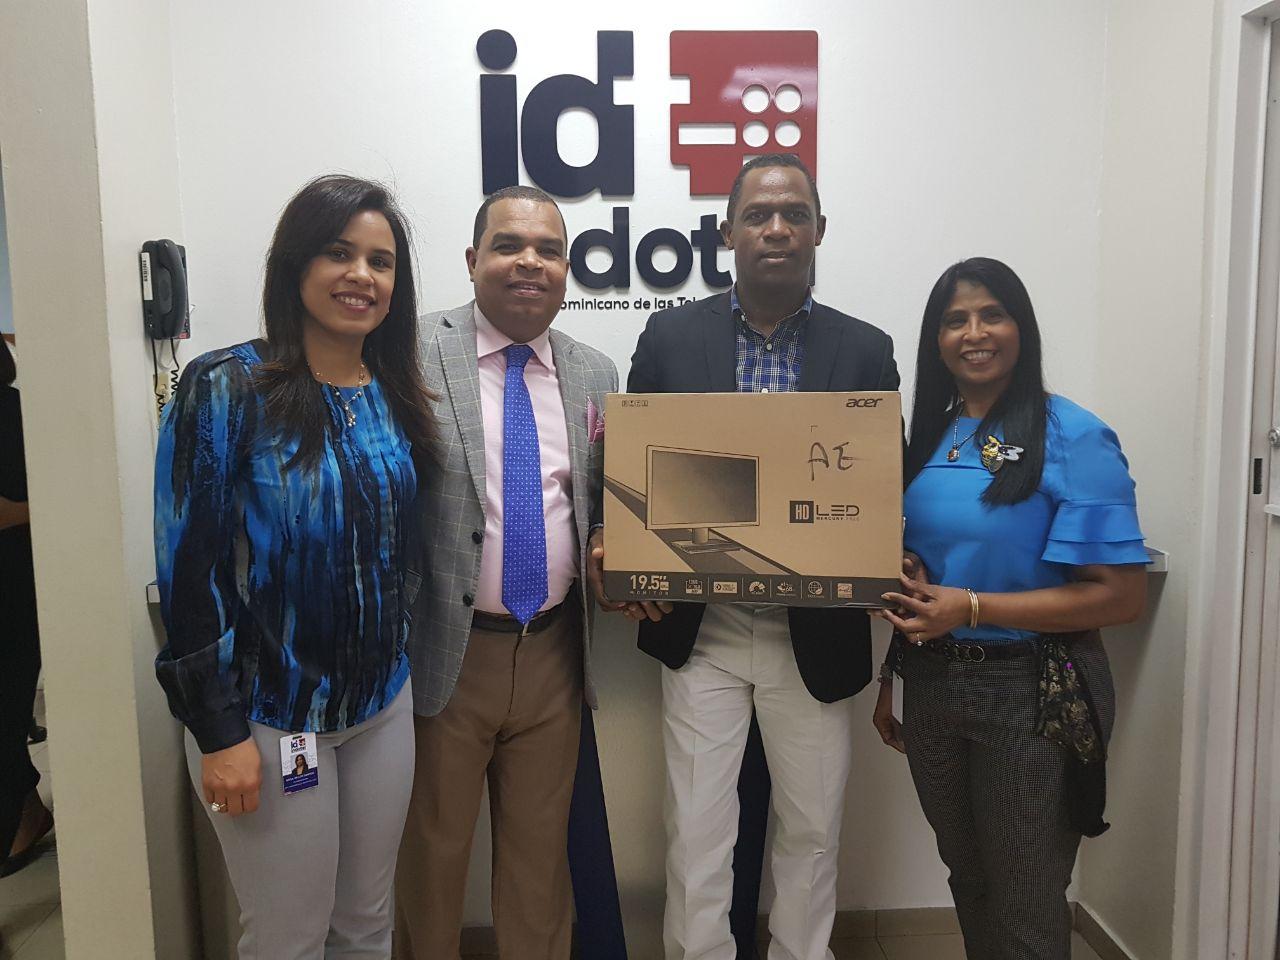 Indotel dona computadoras al diputado Mariano Montero para estudiantes meritorios de la provincia de Barahona